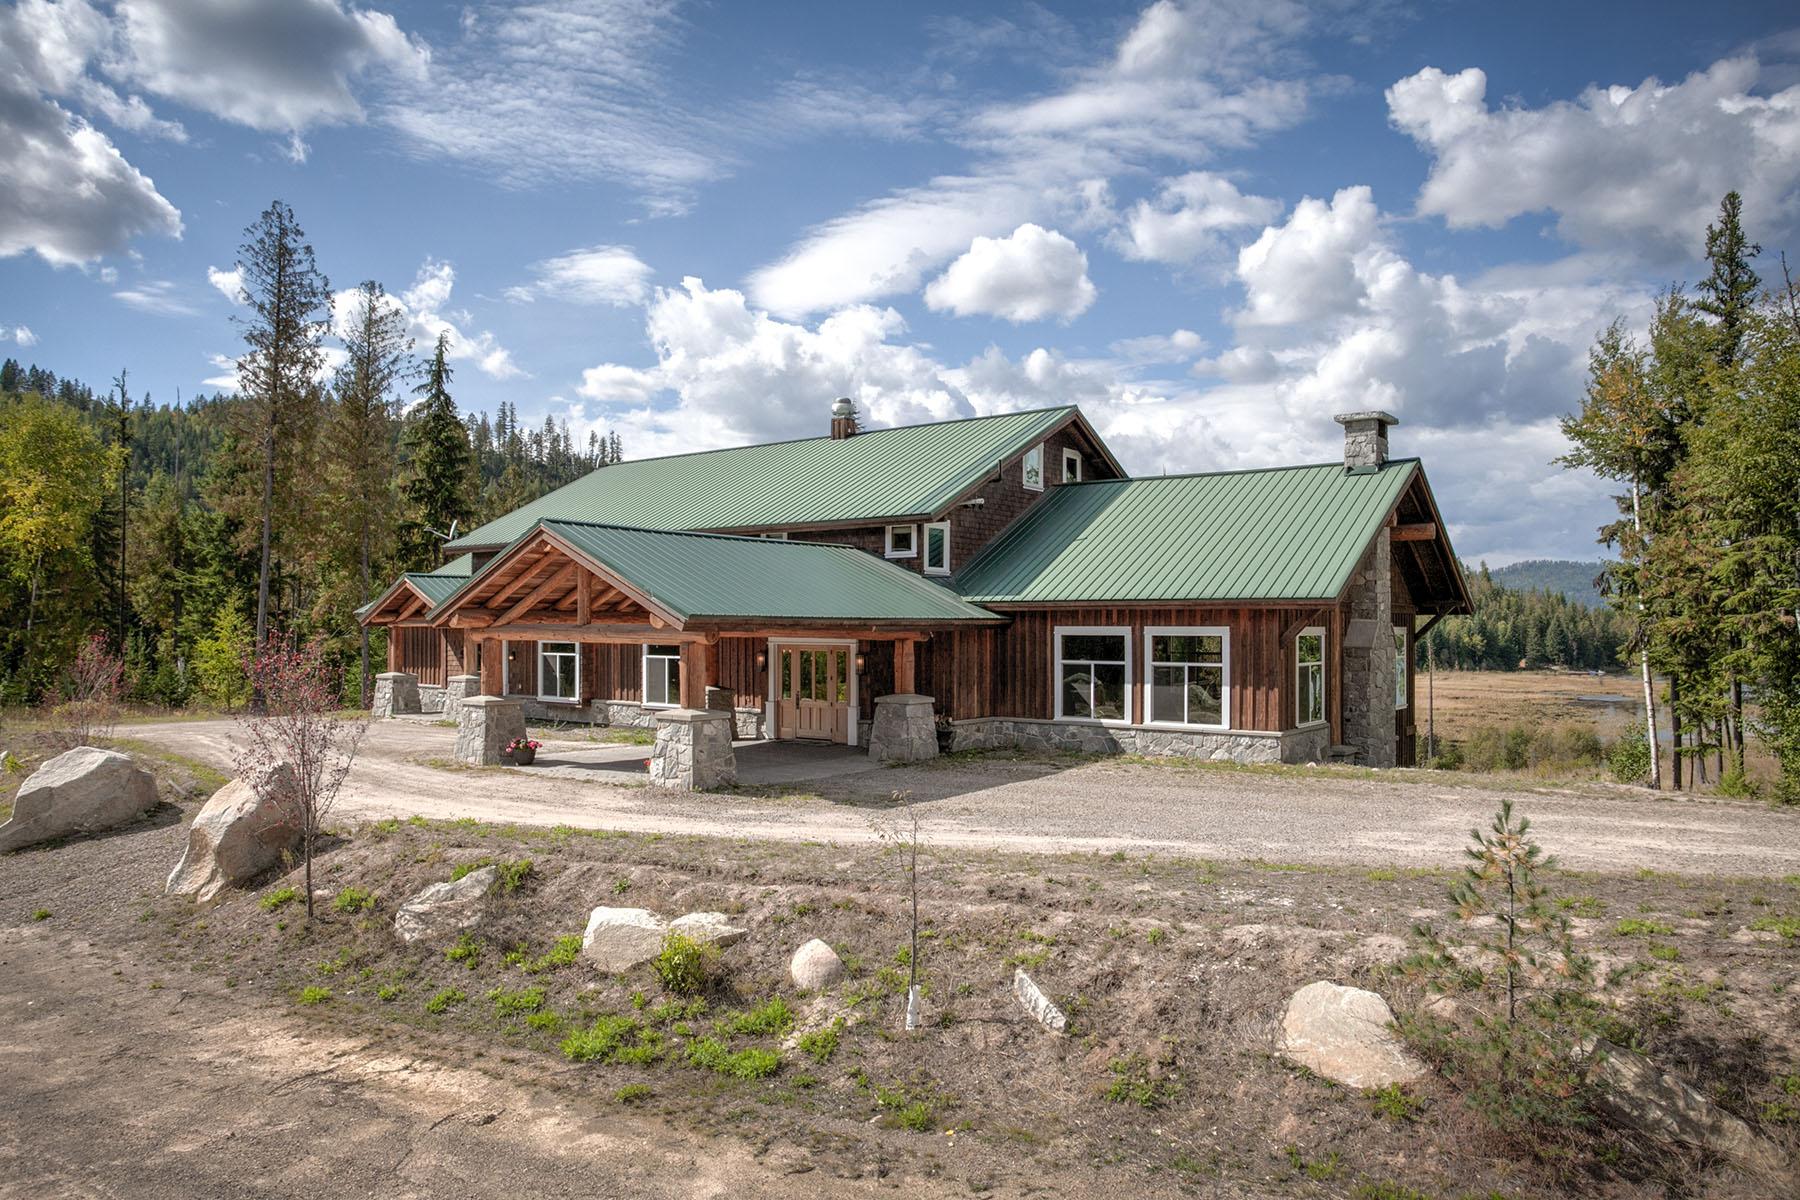 Casa Unifamiliar por un Venta en Magnificent Lodge Home Estate Coolin, Idaho, 83821 Estados Unidos